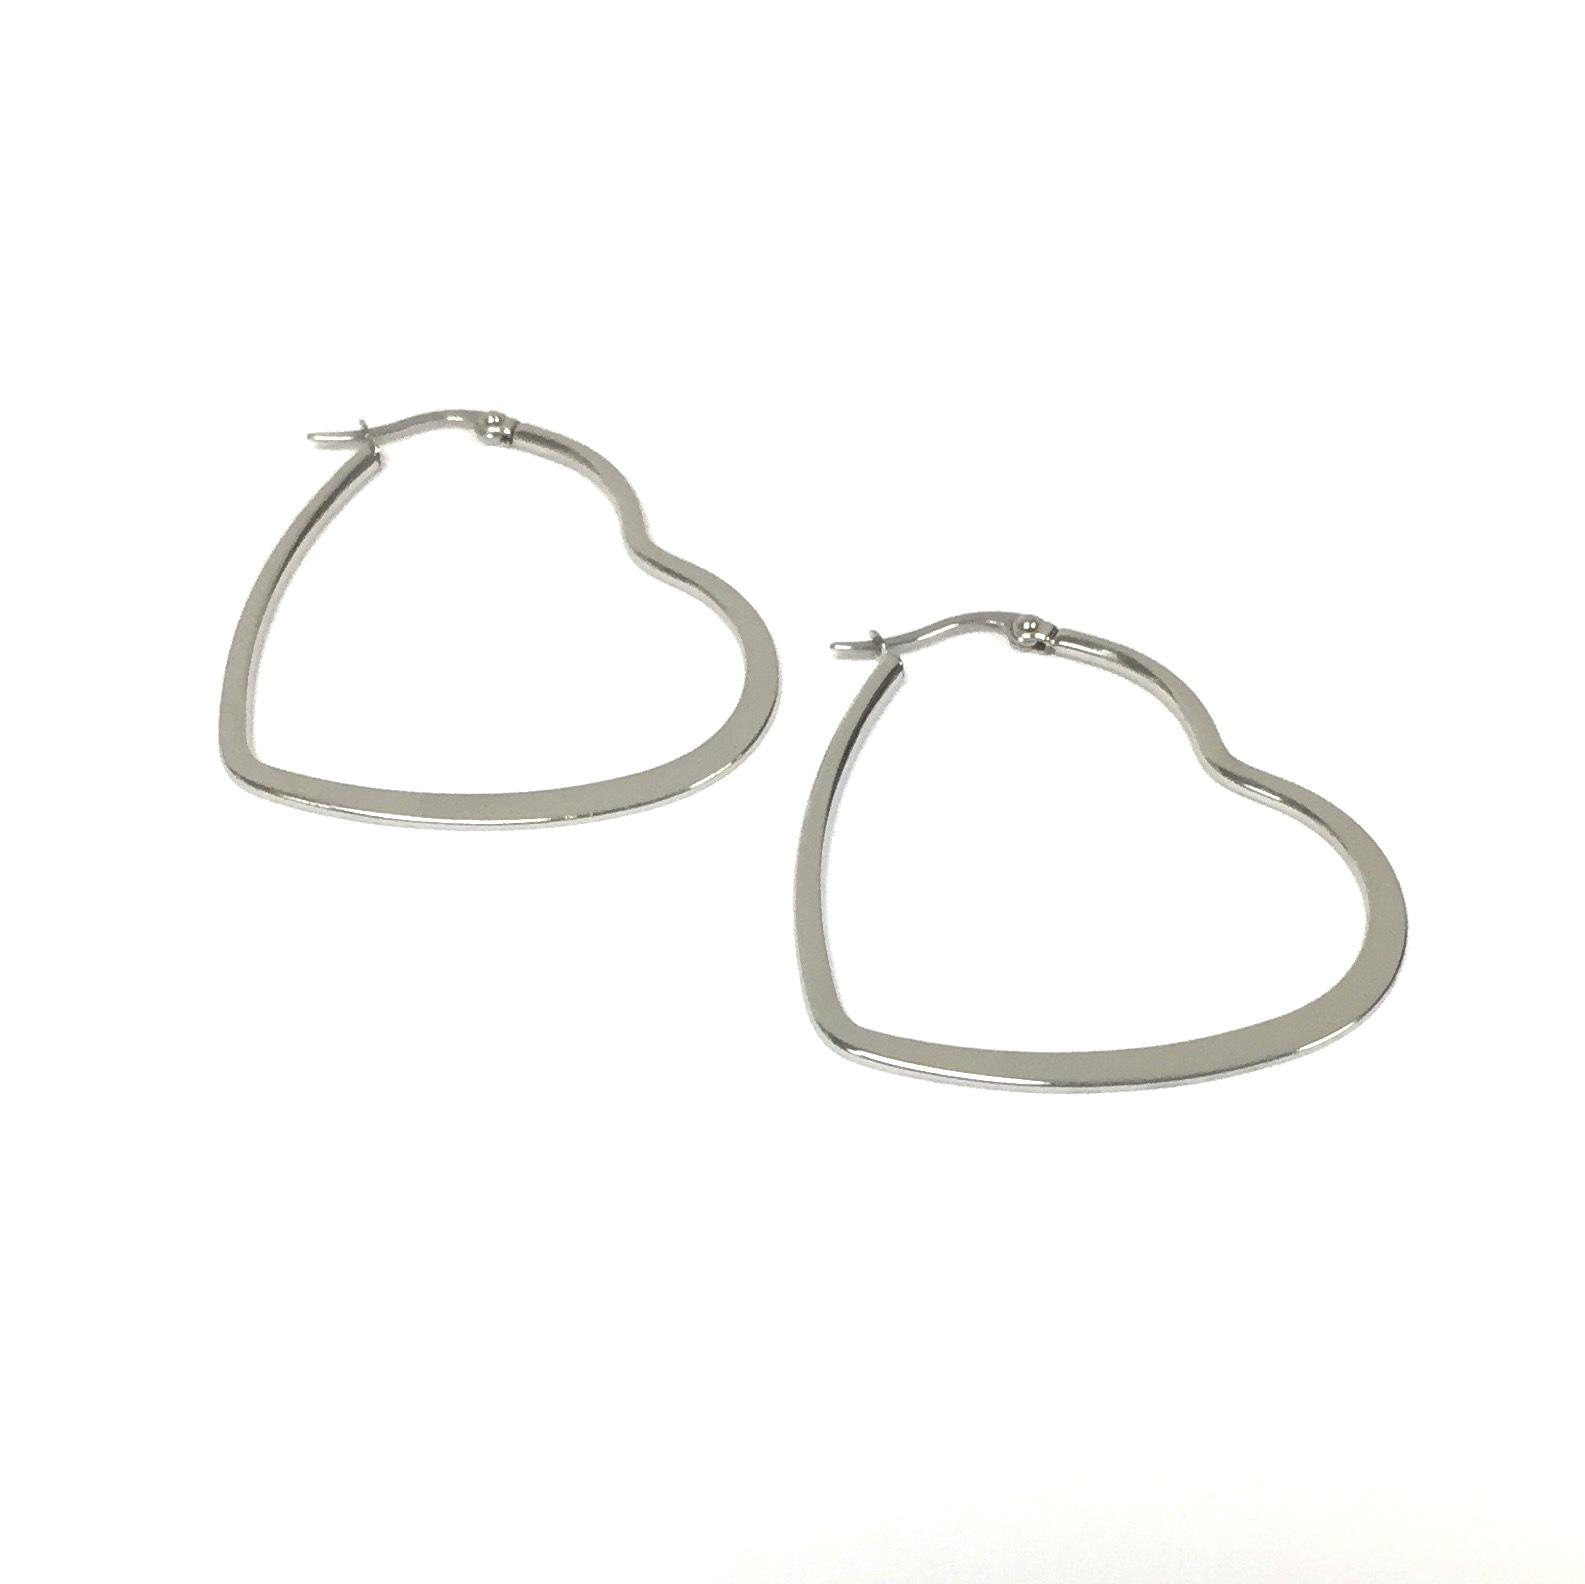 Stainless Steel Heart Shape Earring